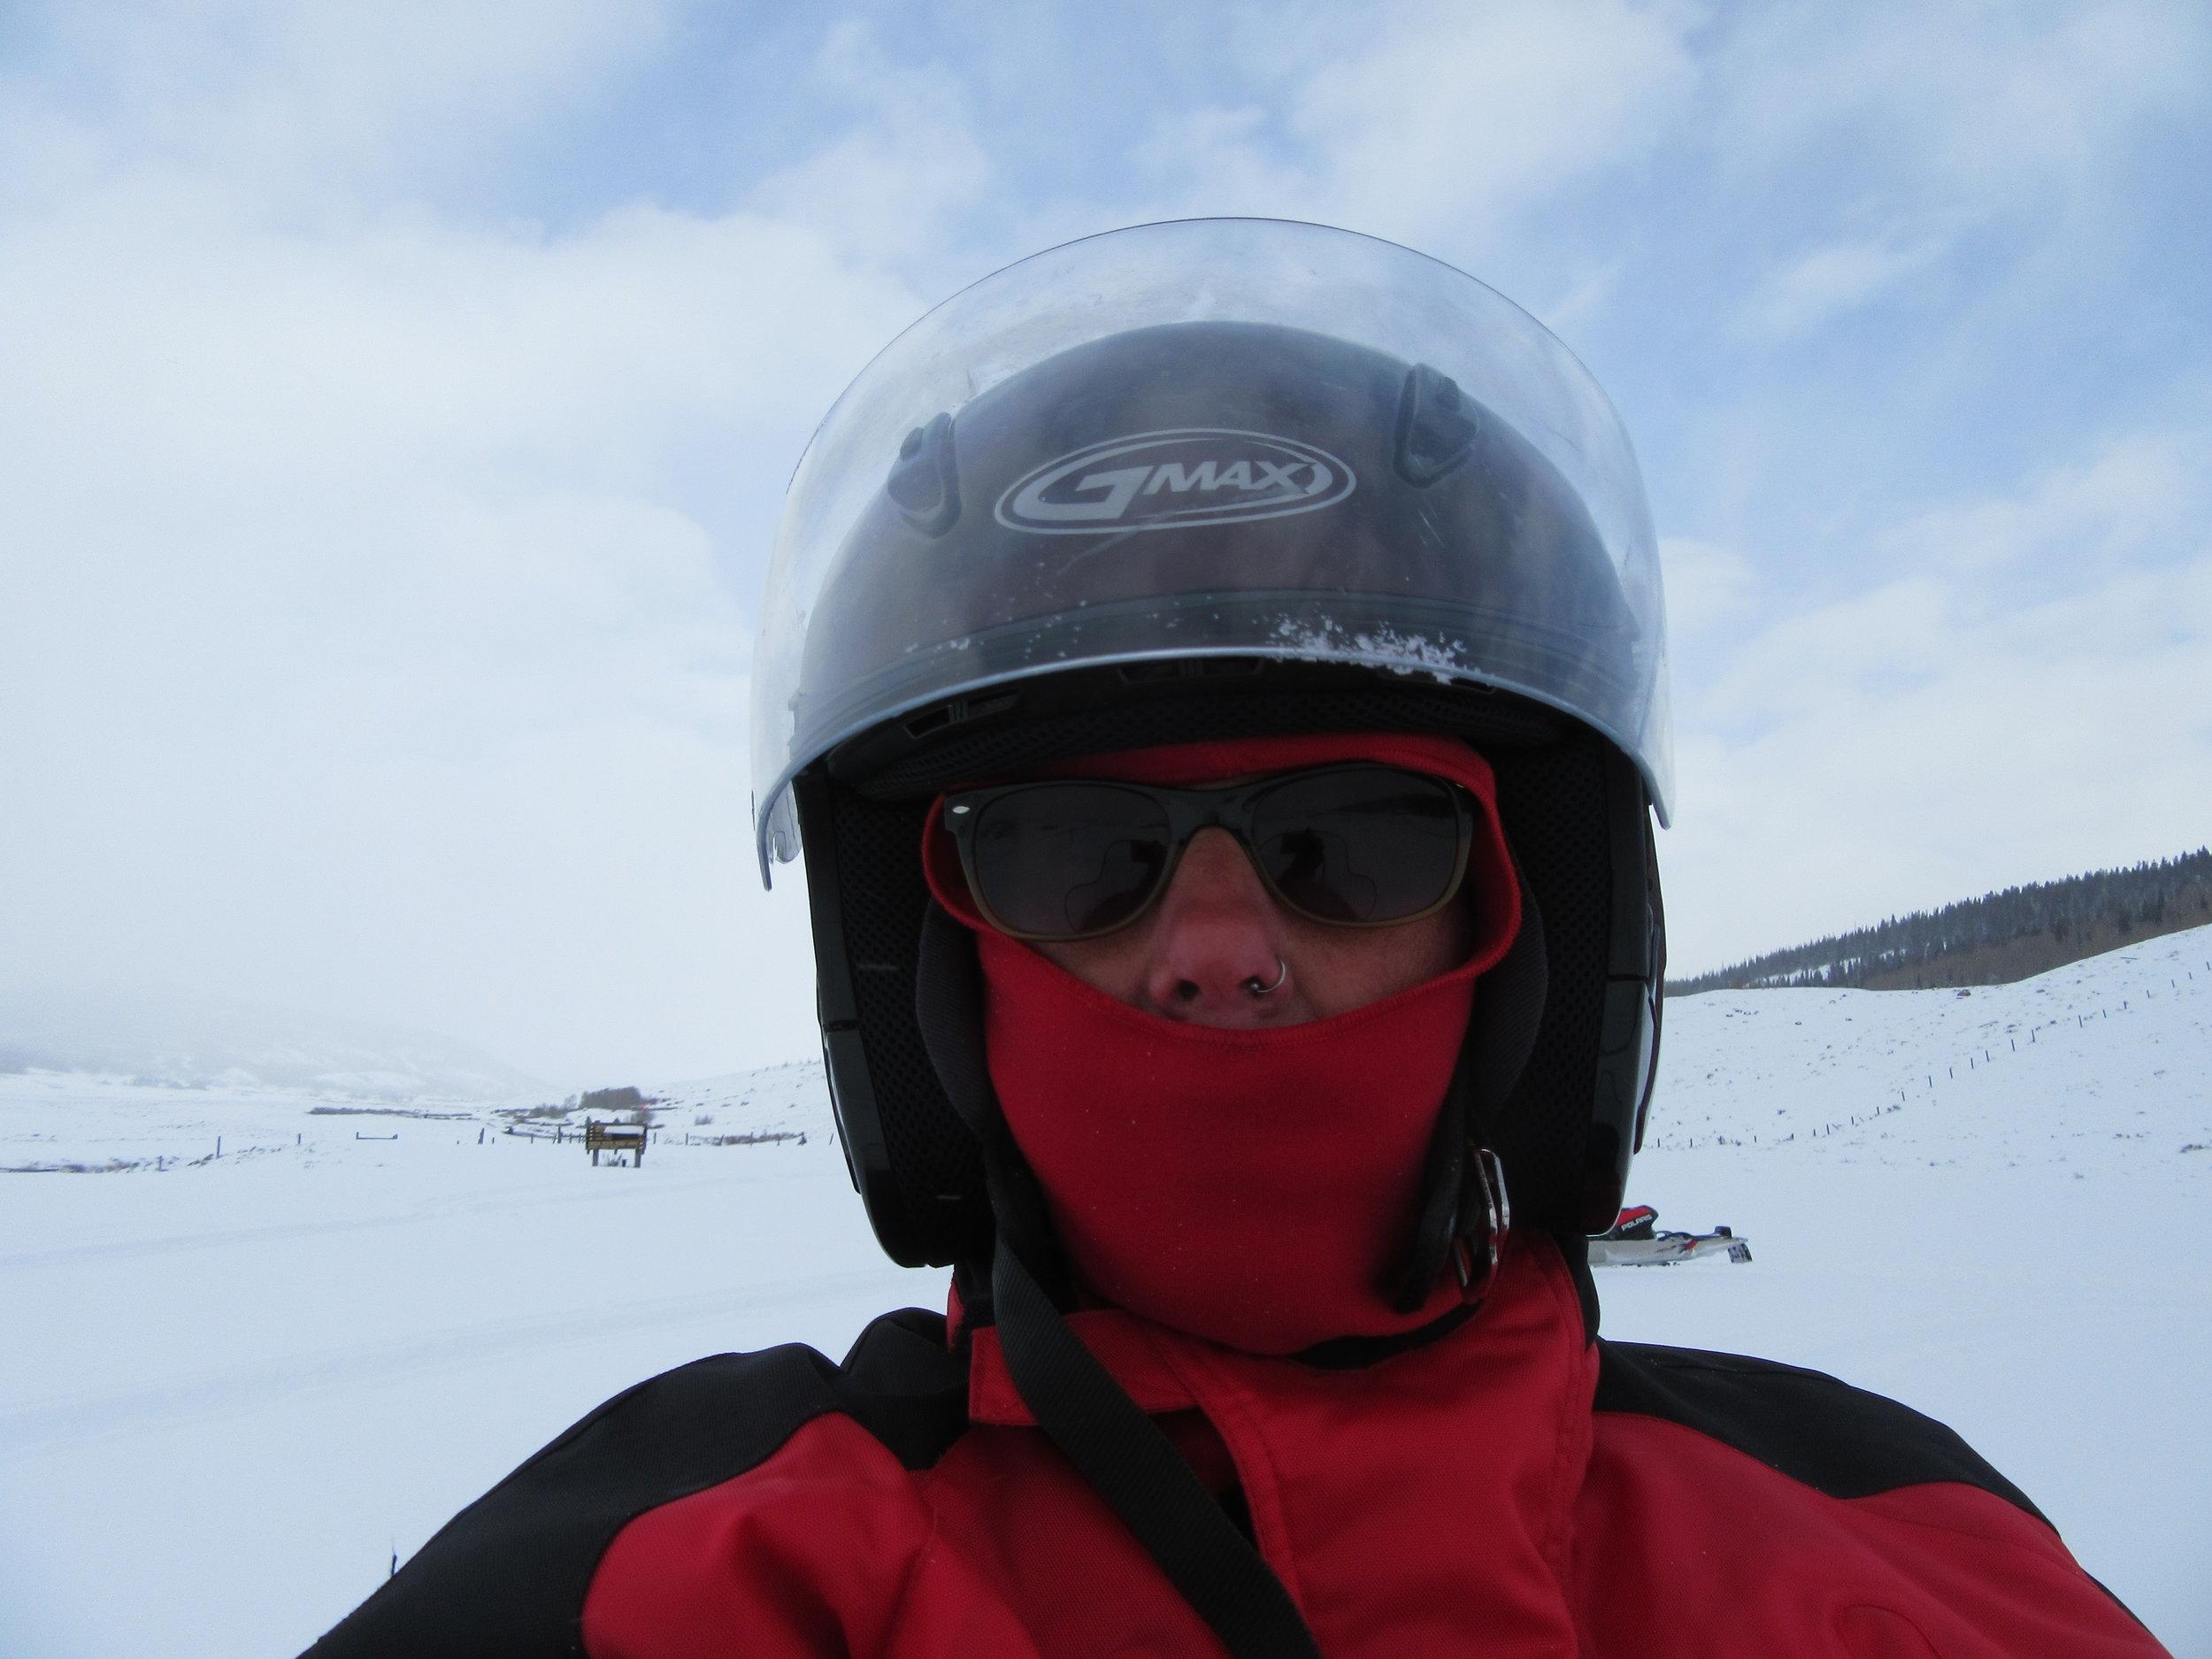 Jane in her snow machine gear.